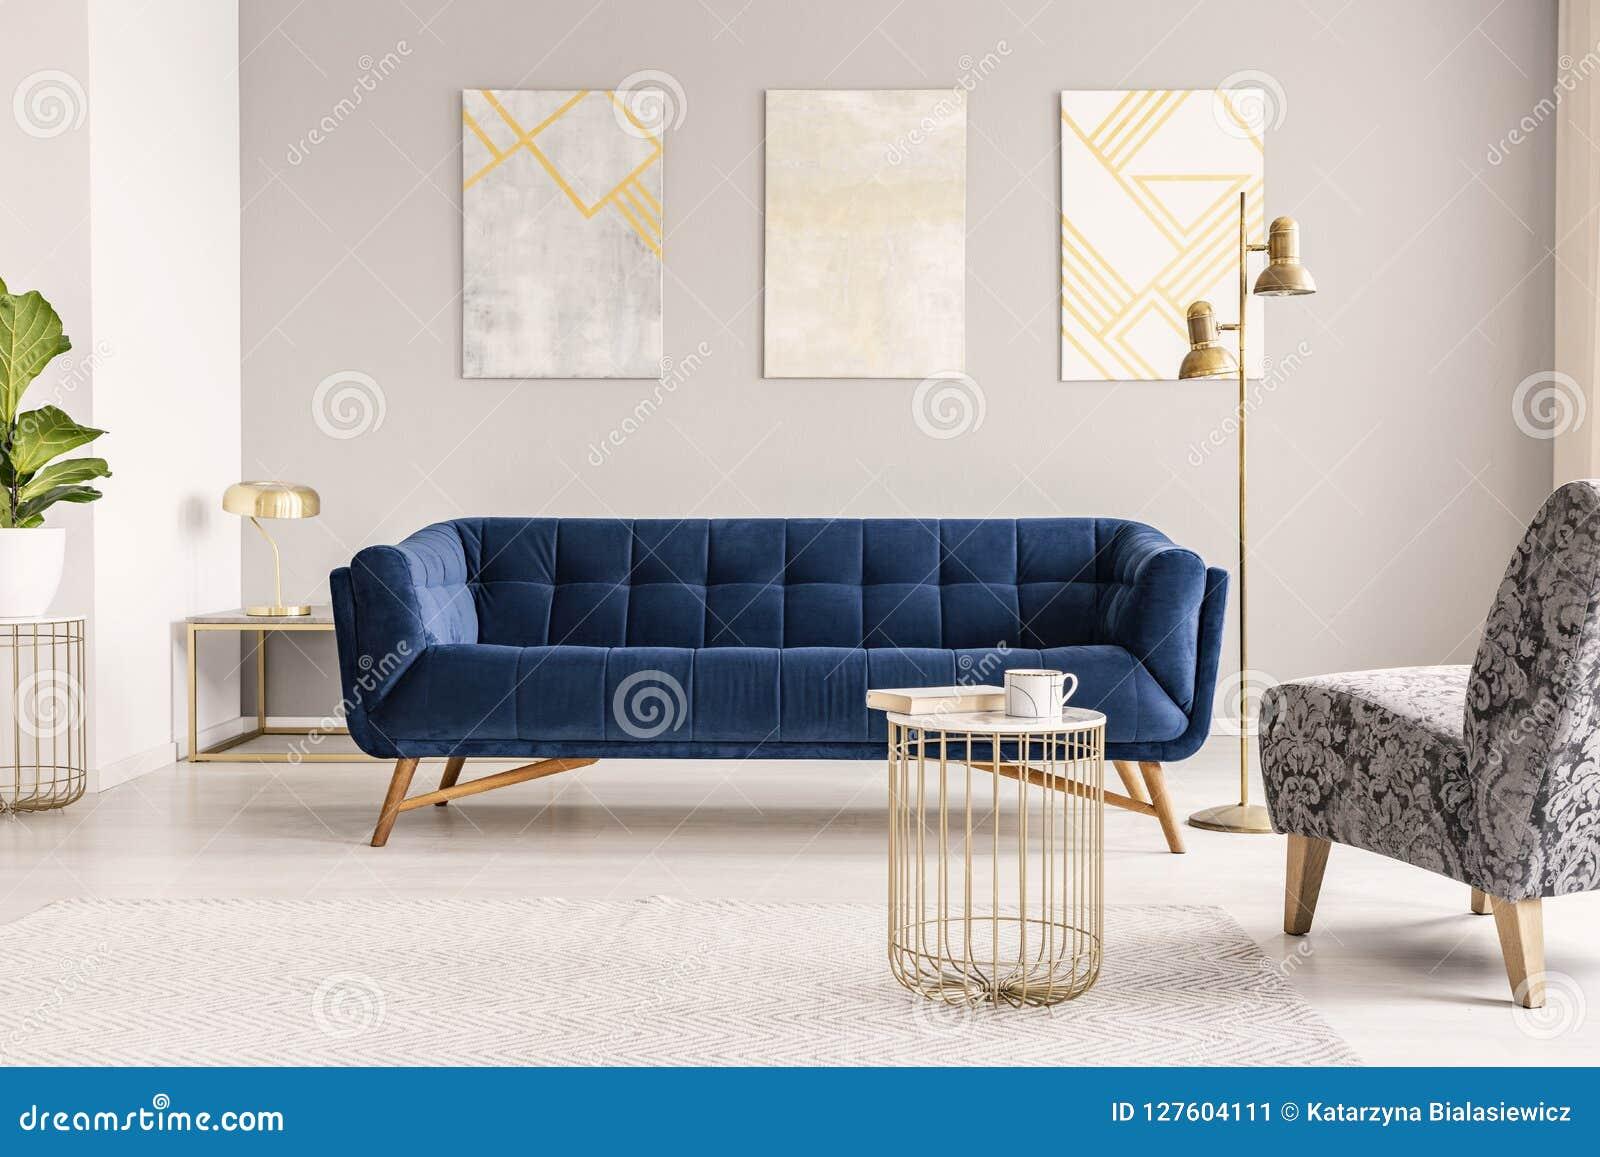 Ein dunkelblaues Samtsofa gegen eine graue Wand mit modernen Malereien in einem leeren Wohnzimmerinnenraum Reales Foto